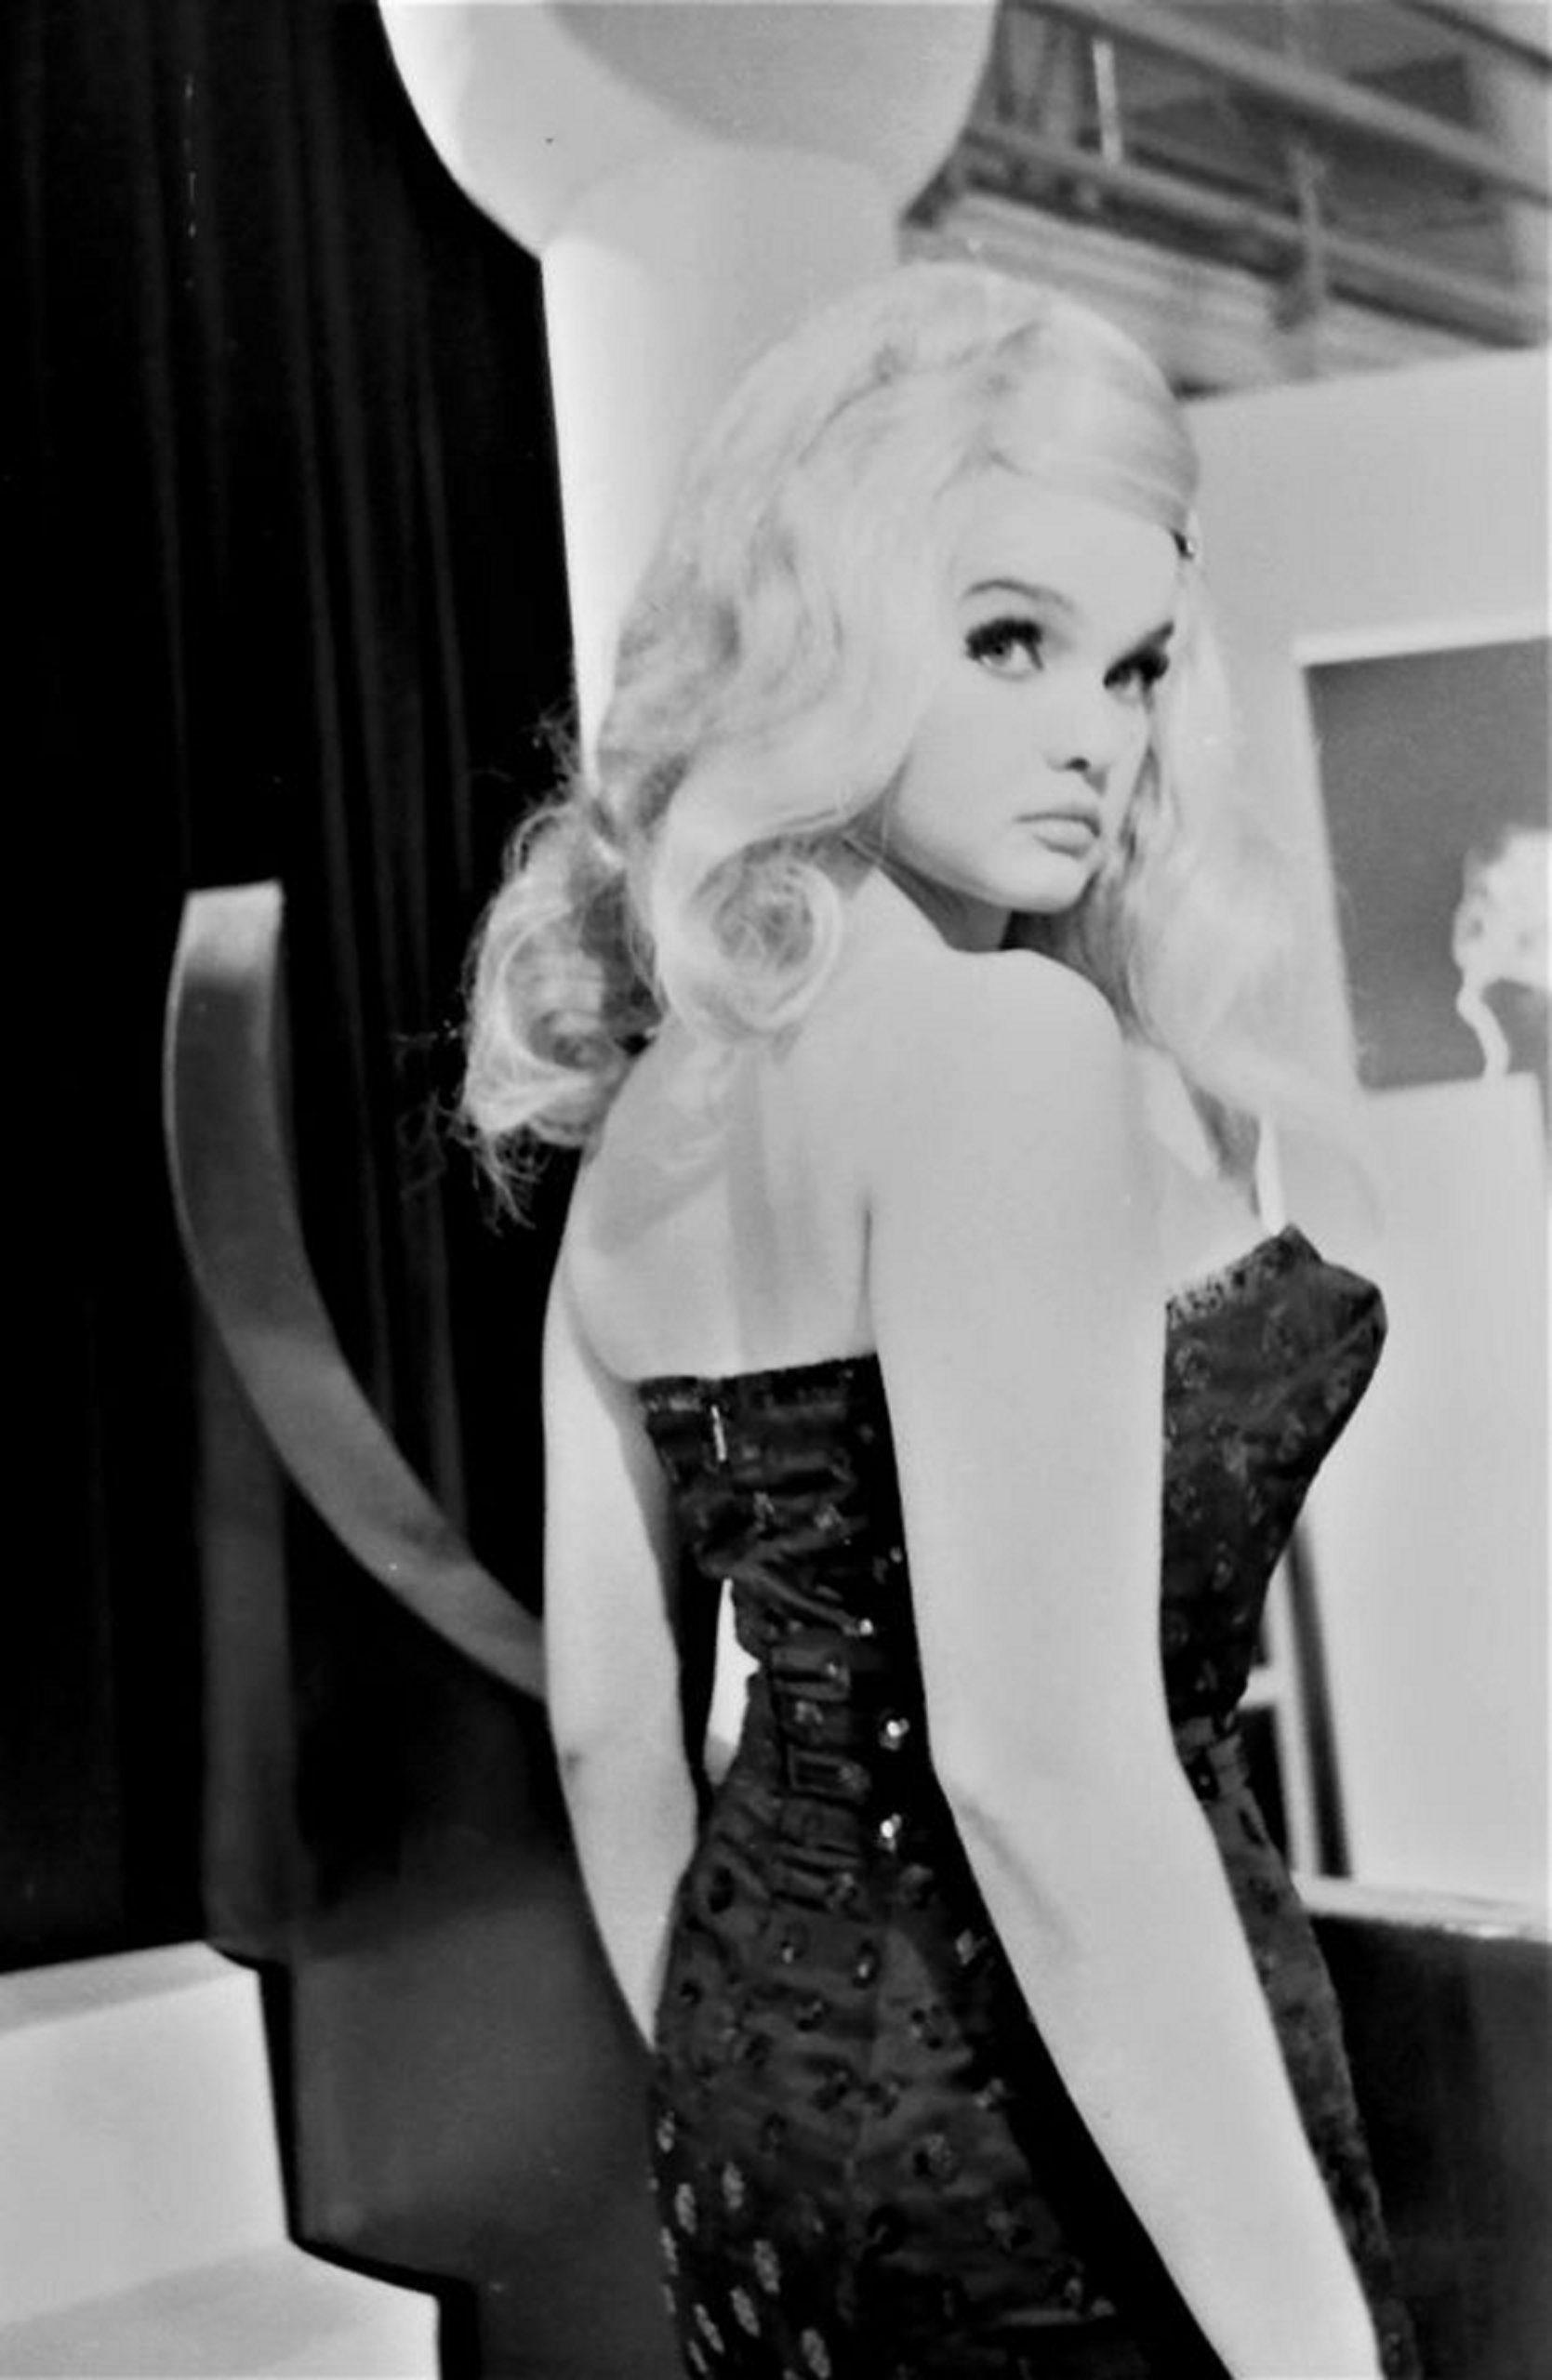 Margareta Pâslaru, imagine rară de acum 50 de ani. Era blondă și superbă